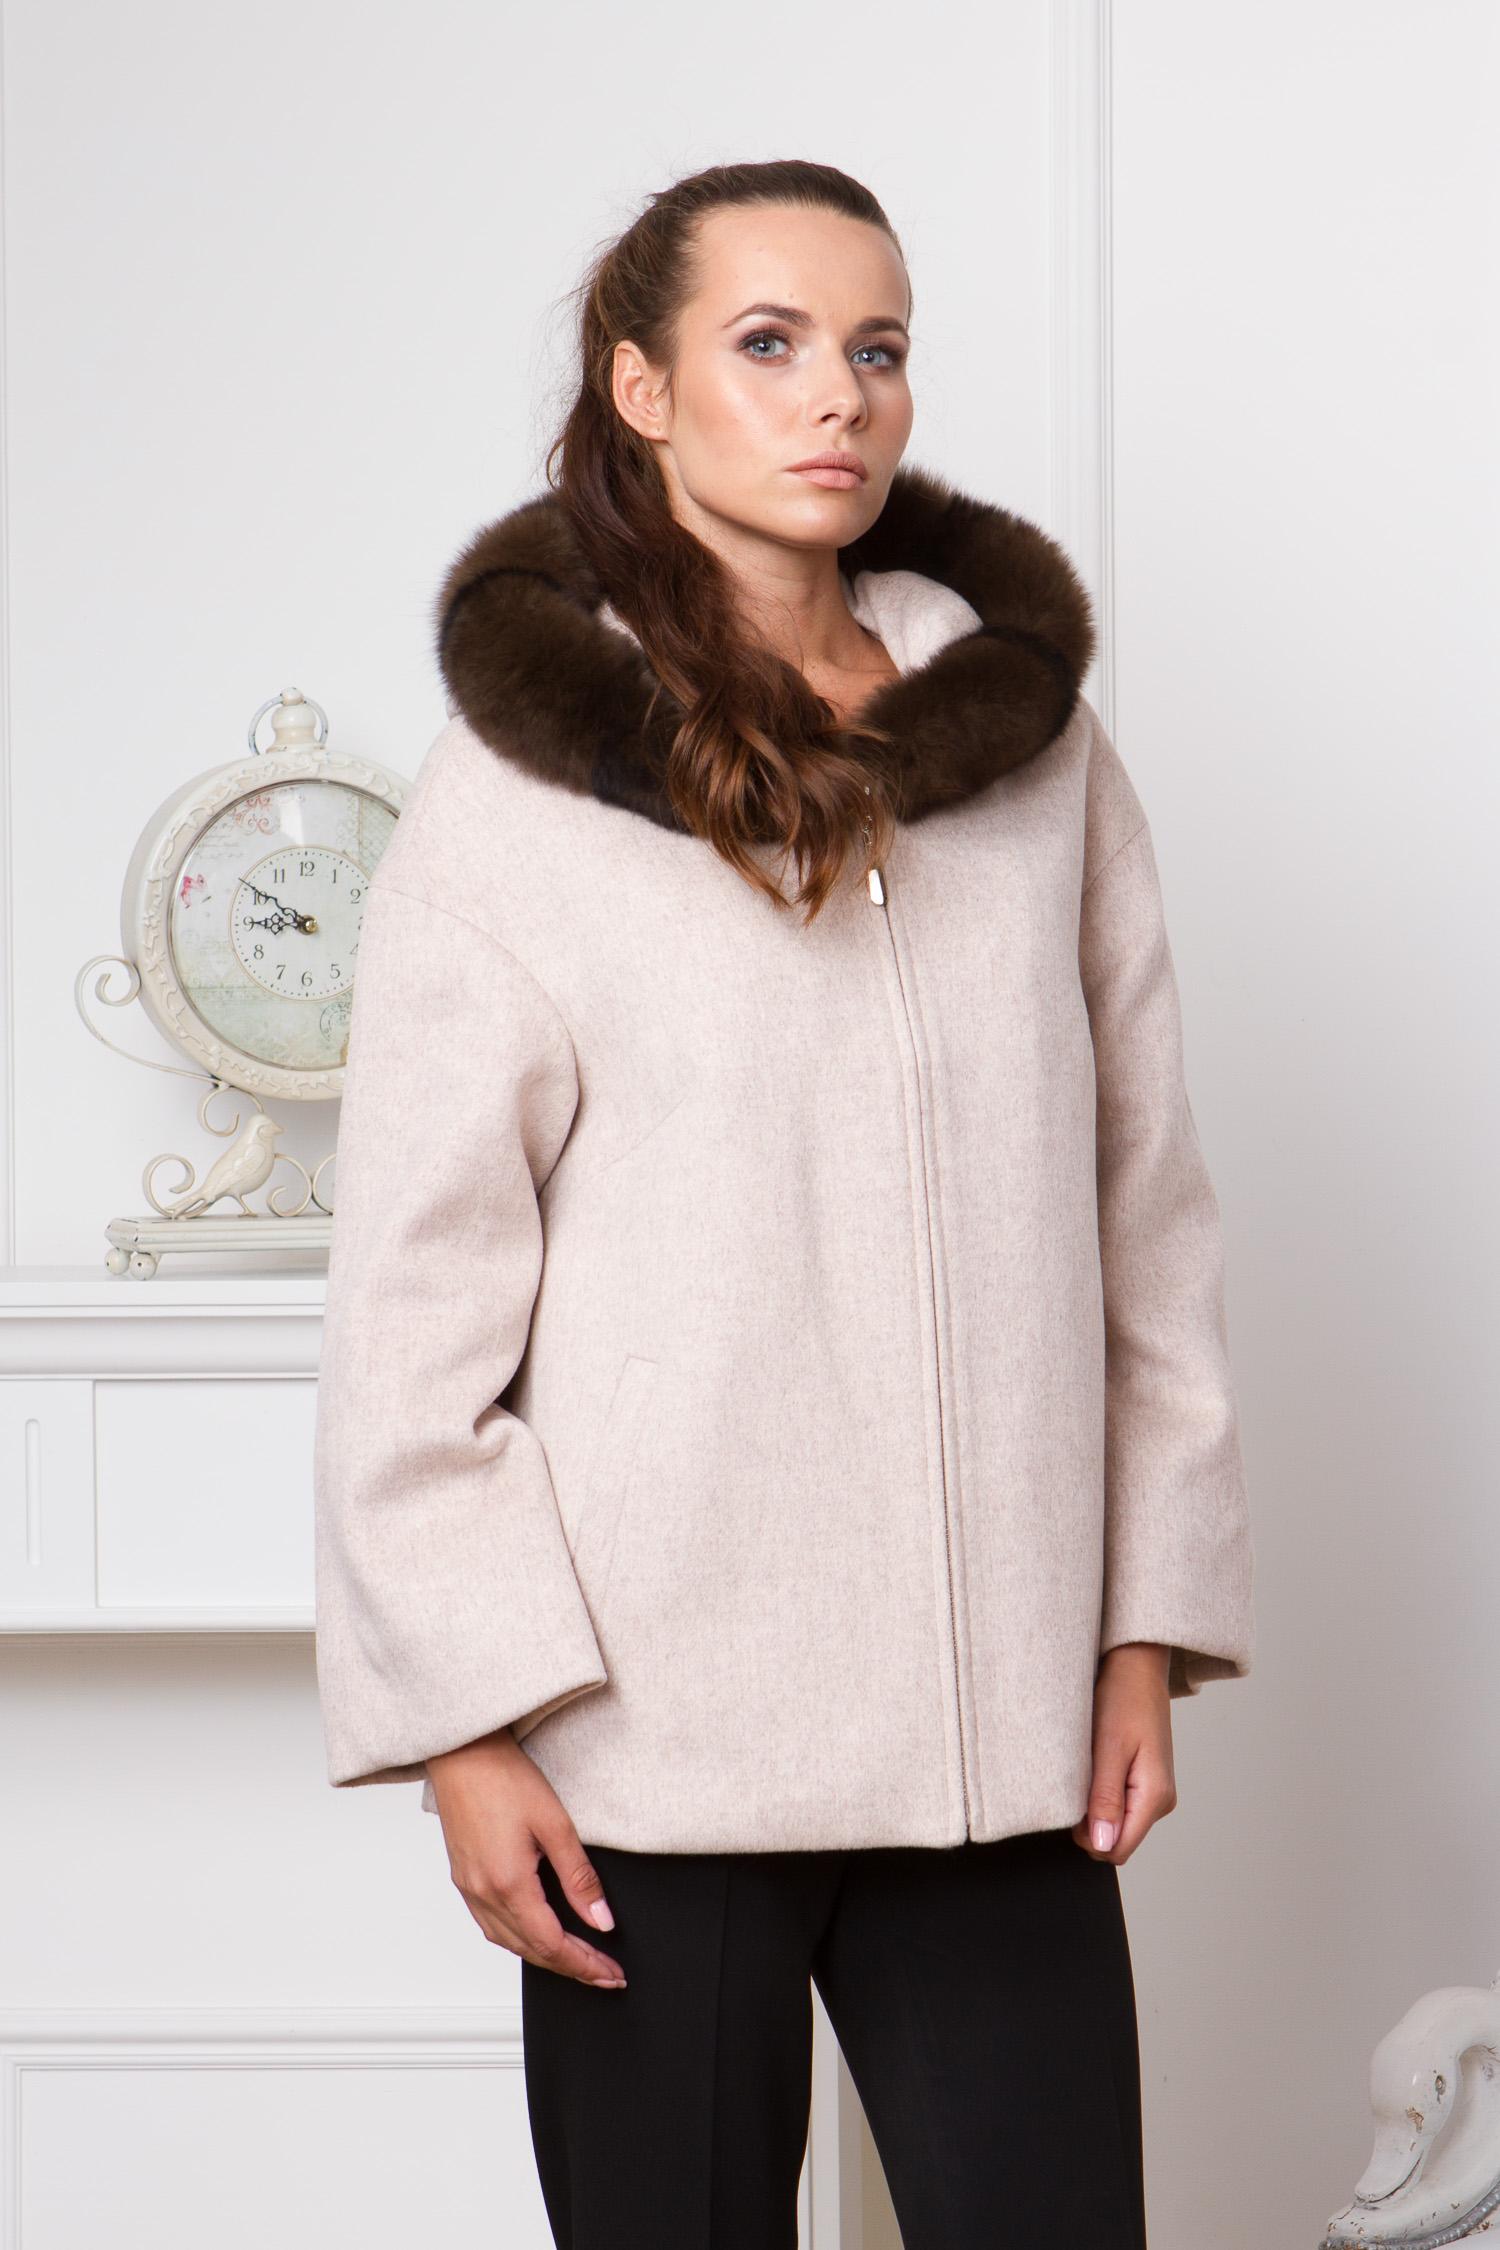 Женское пальто с капюшоном, отделка песец<br><br>Воротник: капюшон<br>Длина см: Короткая (51-74 )<br>Материал: Текстиль<br>Цвет: бежевый<br>Вид застежки: центральная<br>Застежка: на молнии<br>Пол: Женский<br>Размер RU: 54